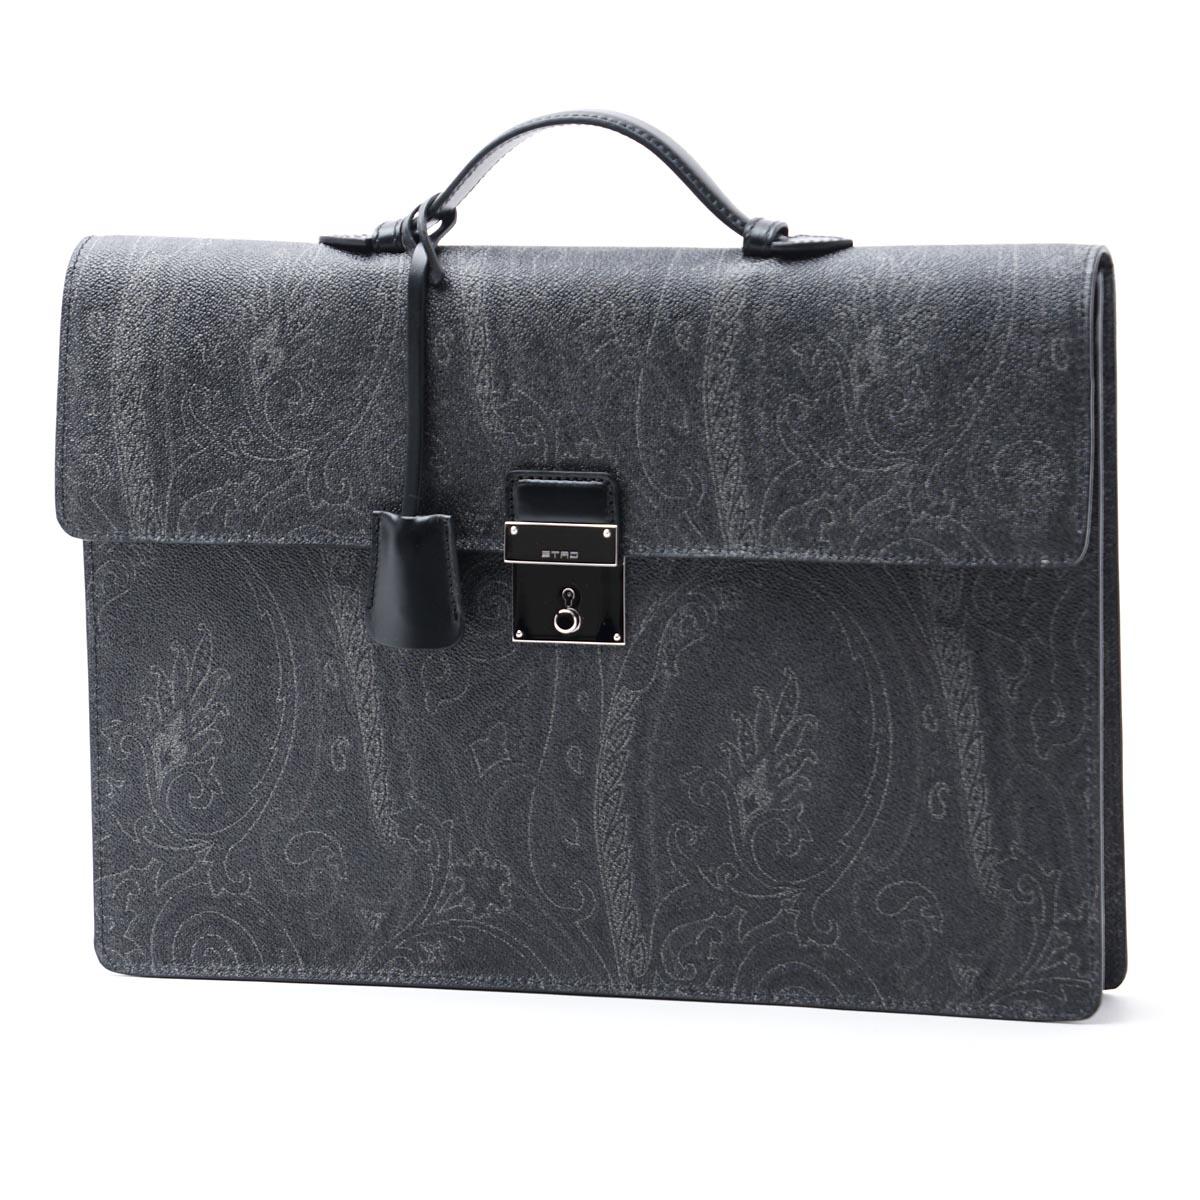 【アウトレット】エトロ ETRO ブリーフケース グレー メンズ ビジネス 鞄 デザイン ファッション 0h791 8007 1【あす楽対応_関東】【返品送料無料】【ラッピング無料】